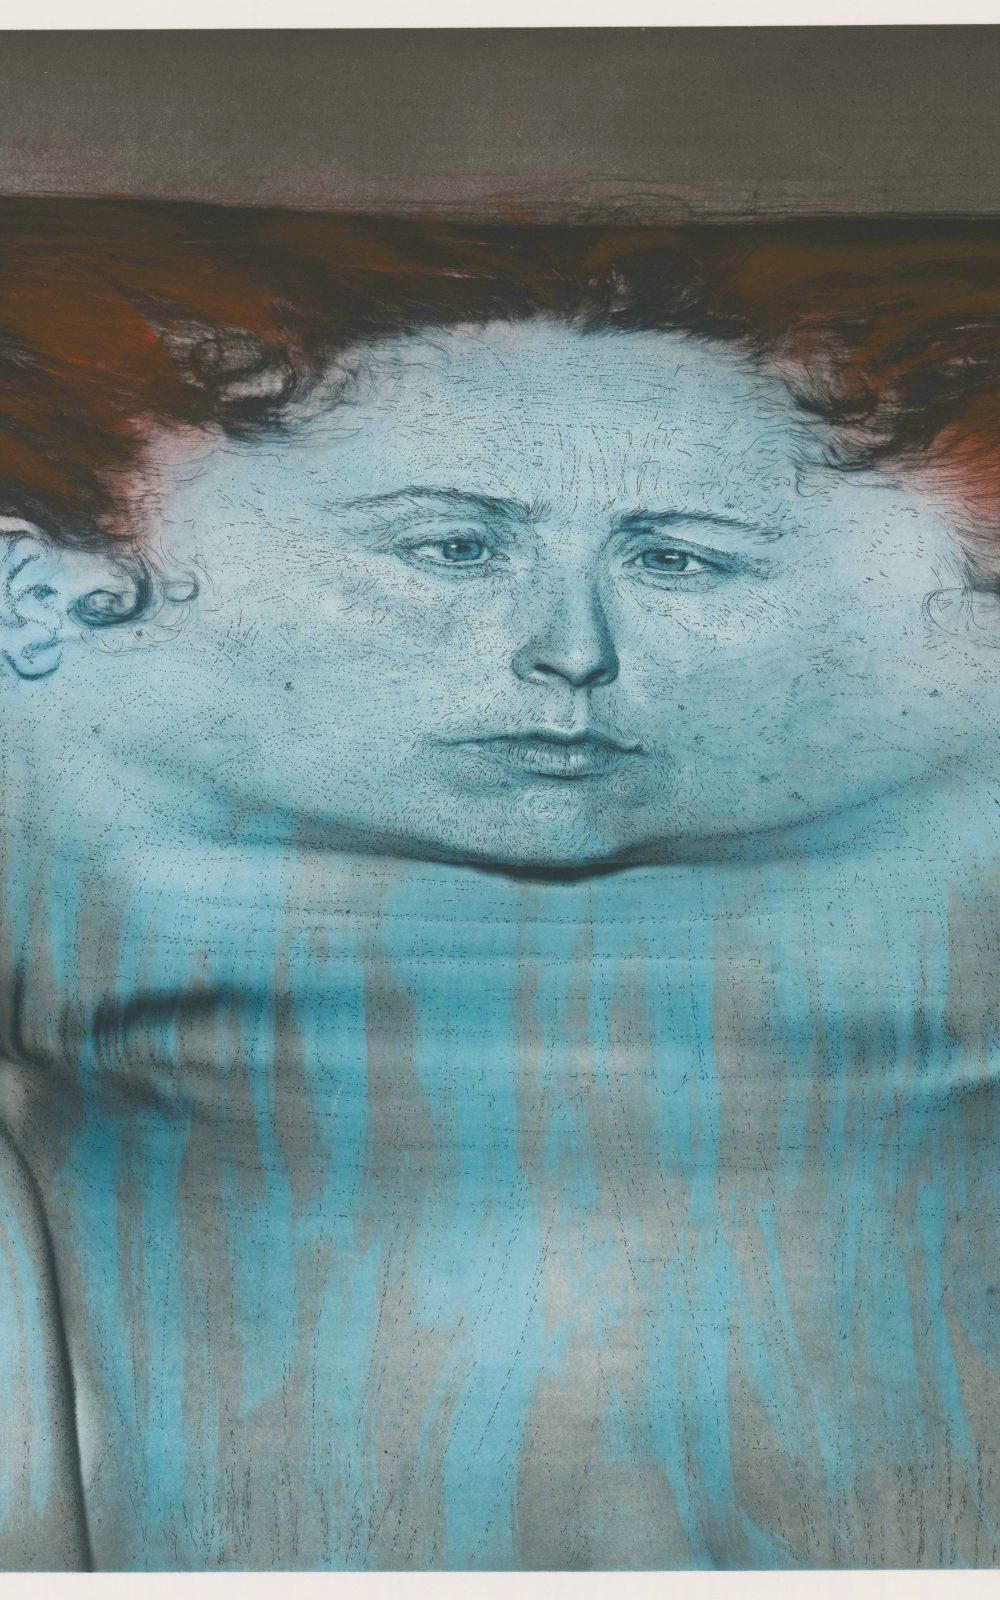 Kiki Smith, My Blue Lake, 1995, Photogravüre und Lithographie auf En Tout Cas-Papier, 1110 x 1391 mm, Staatliche Graphische Sammlung München, Schenkung der Künstlerin © Kiki Smith, courtesy Pace Gallery